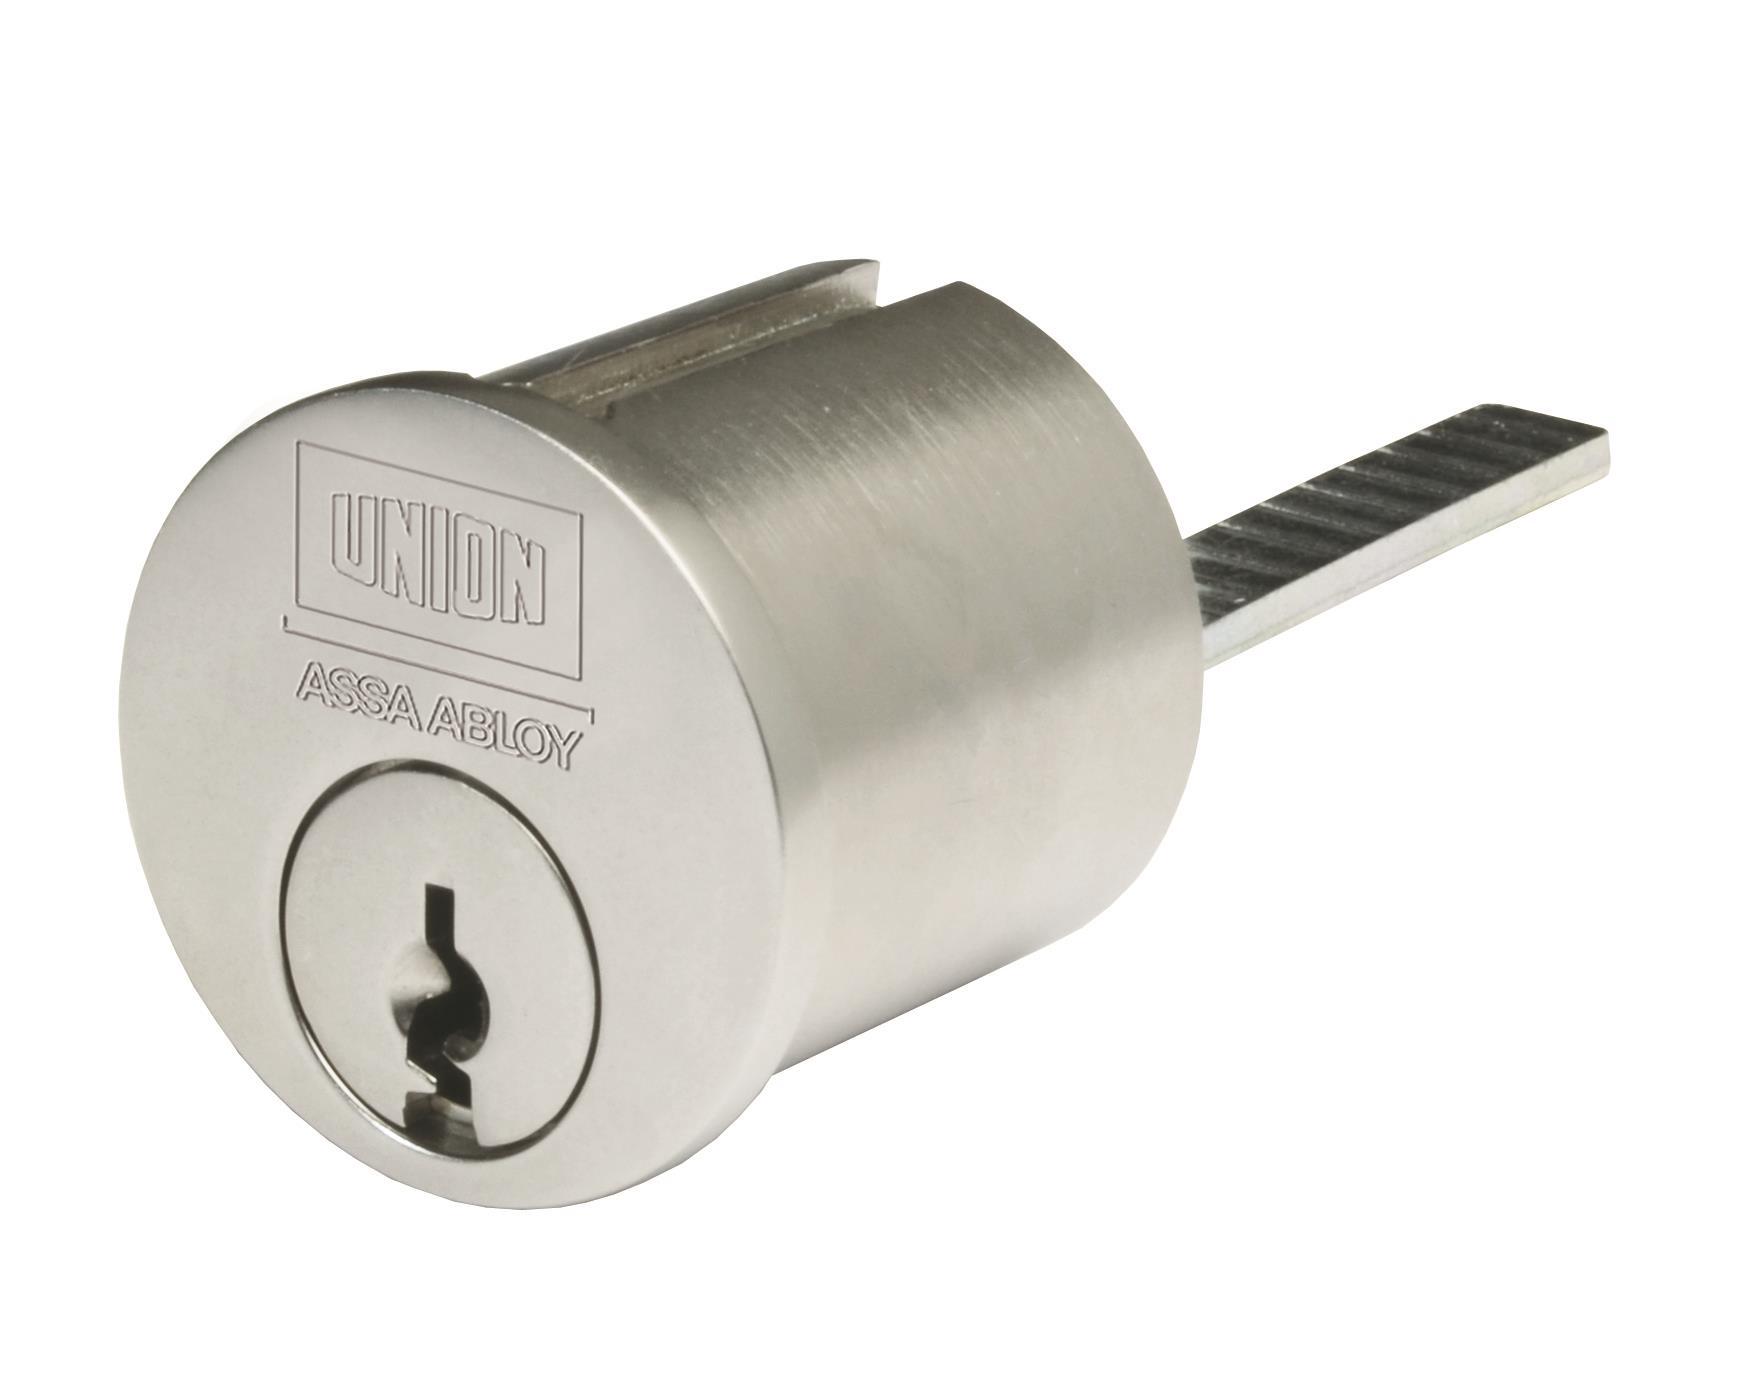 KURIMCYL - KeyULTRA Rim Cylinder